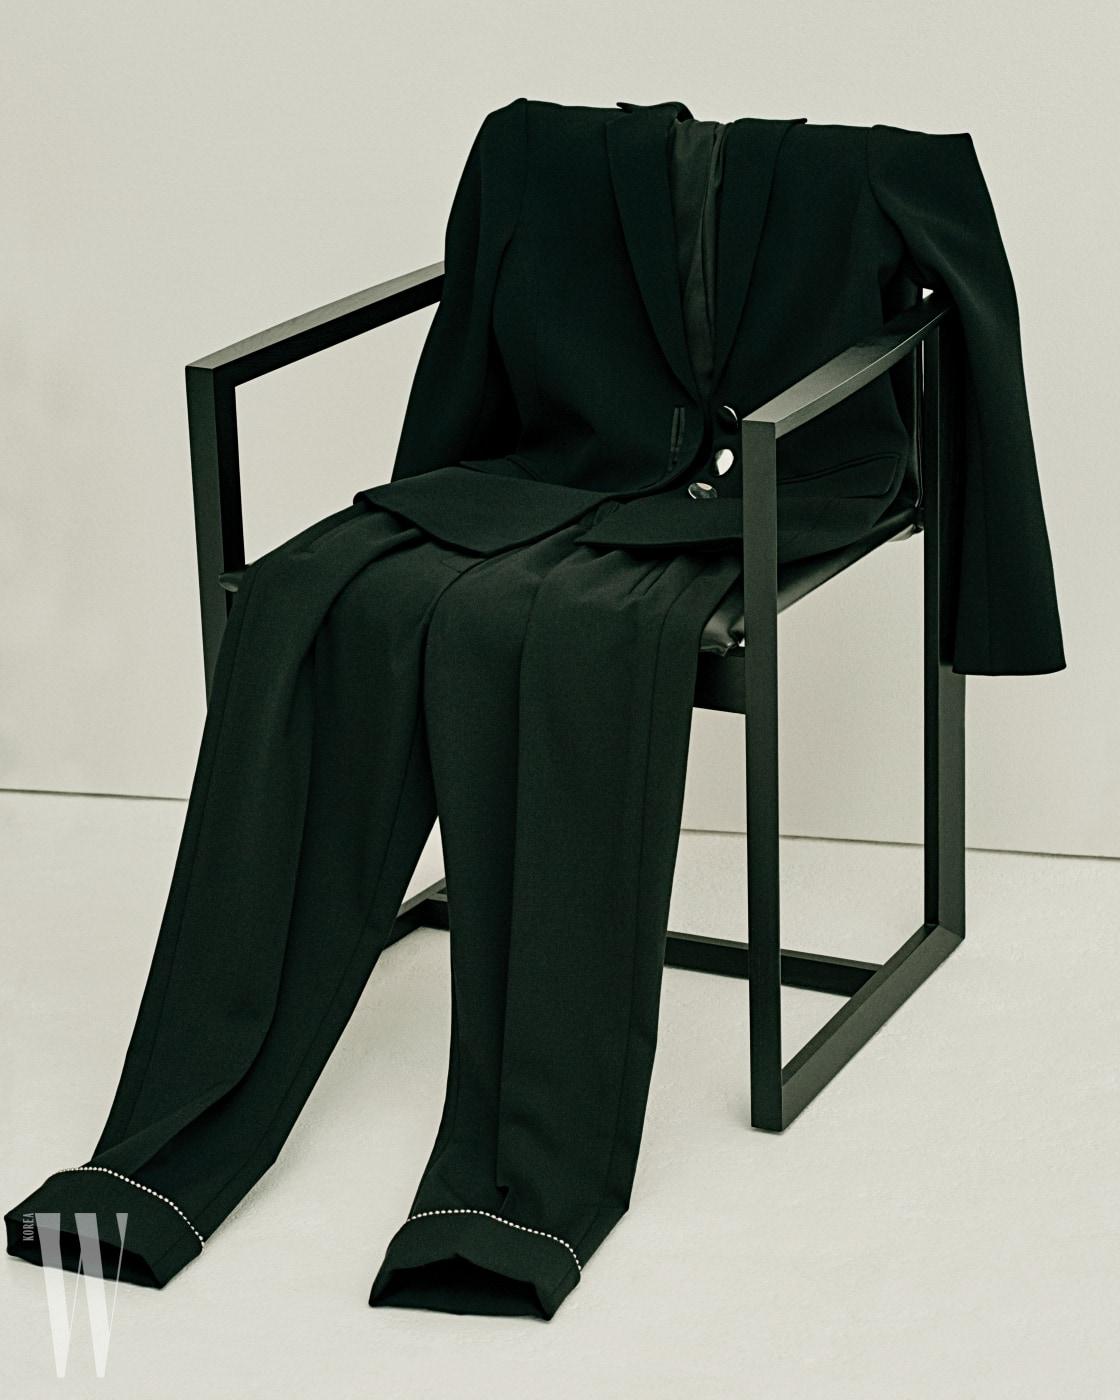 헴라인에 동그란 비즈를 장식한 팬츠는 알렉산더 왕 제품. 1백39만원. 각진 프레임이 멋진 의자는 이브 체어 by 크리에이티브 랩 제품.